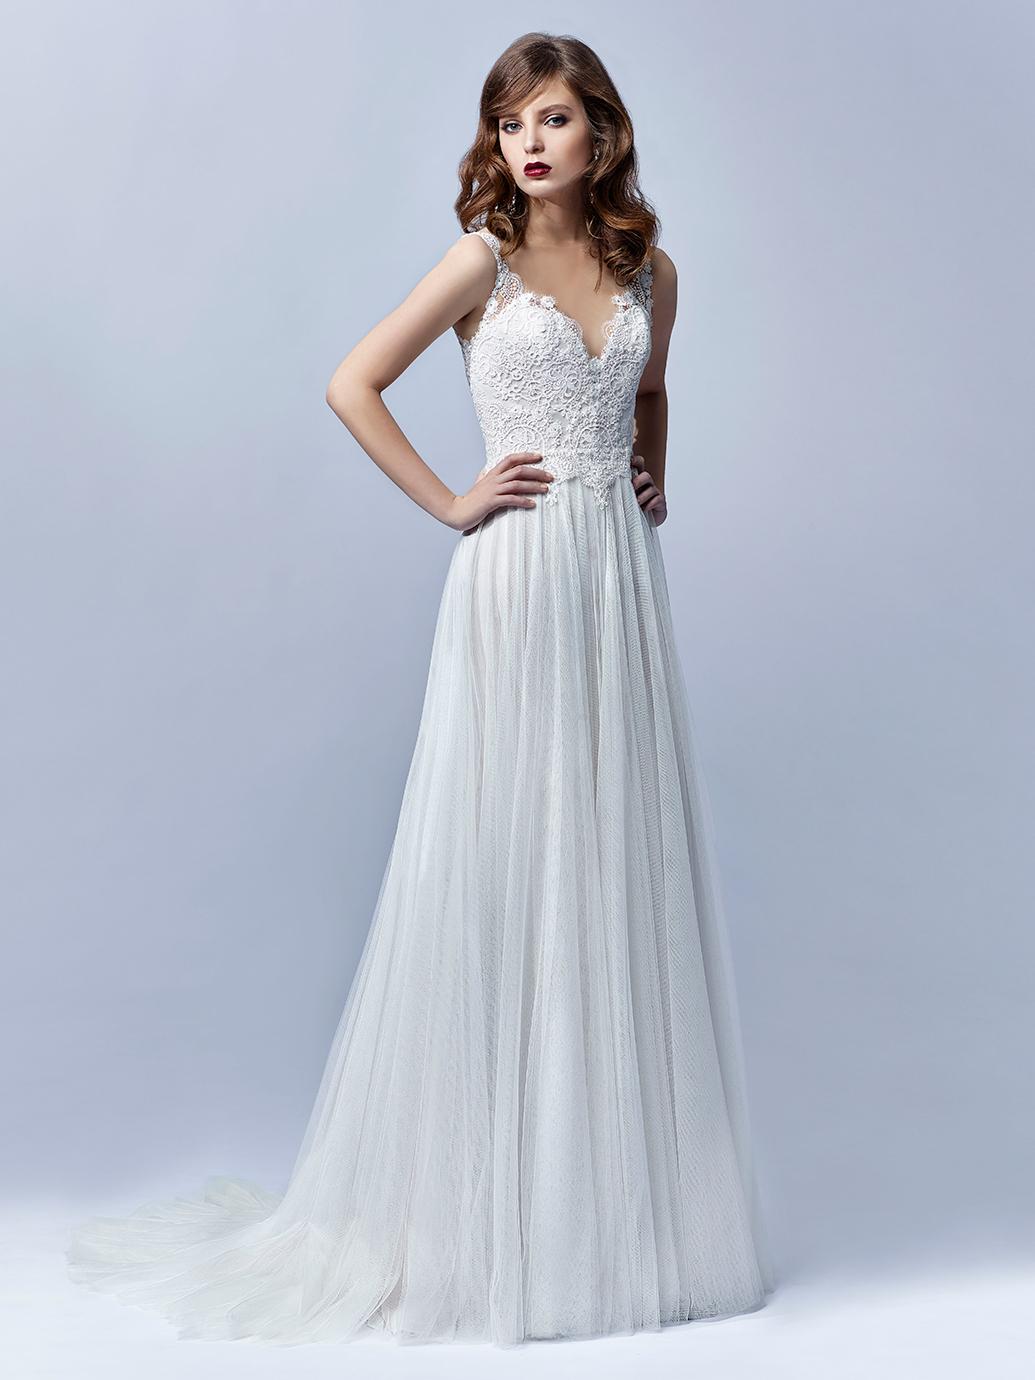 Valerie\'s Bridal Boutique - valeriebridalboutique.com